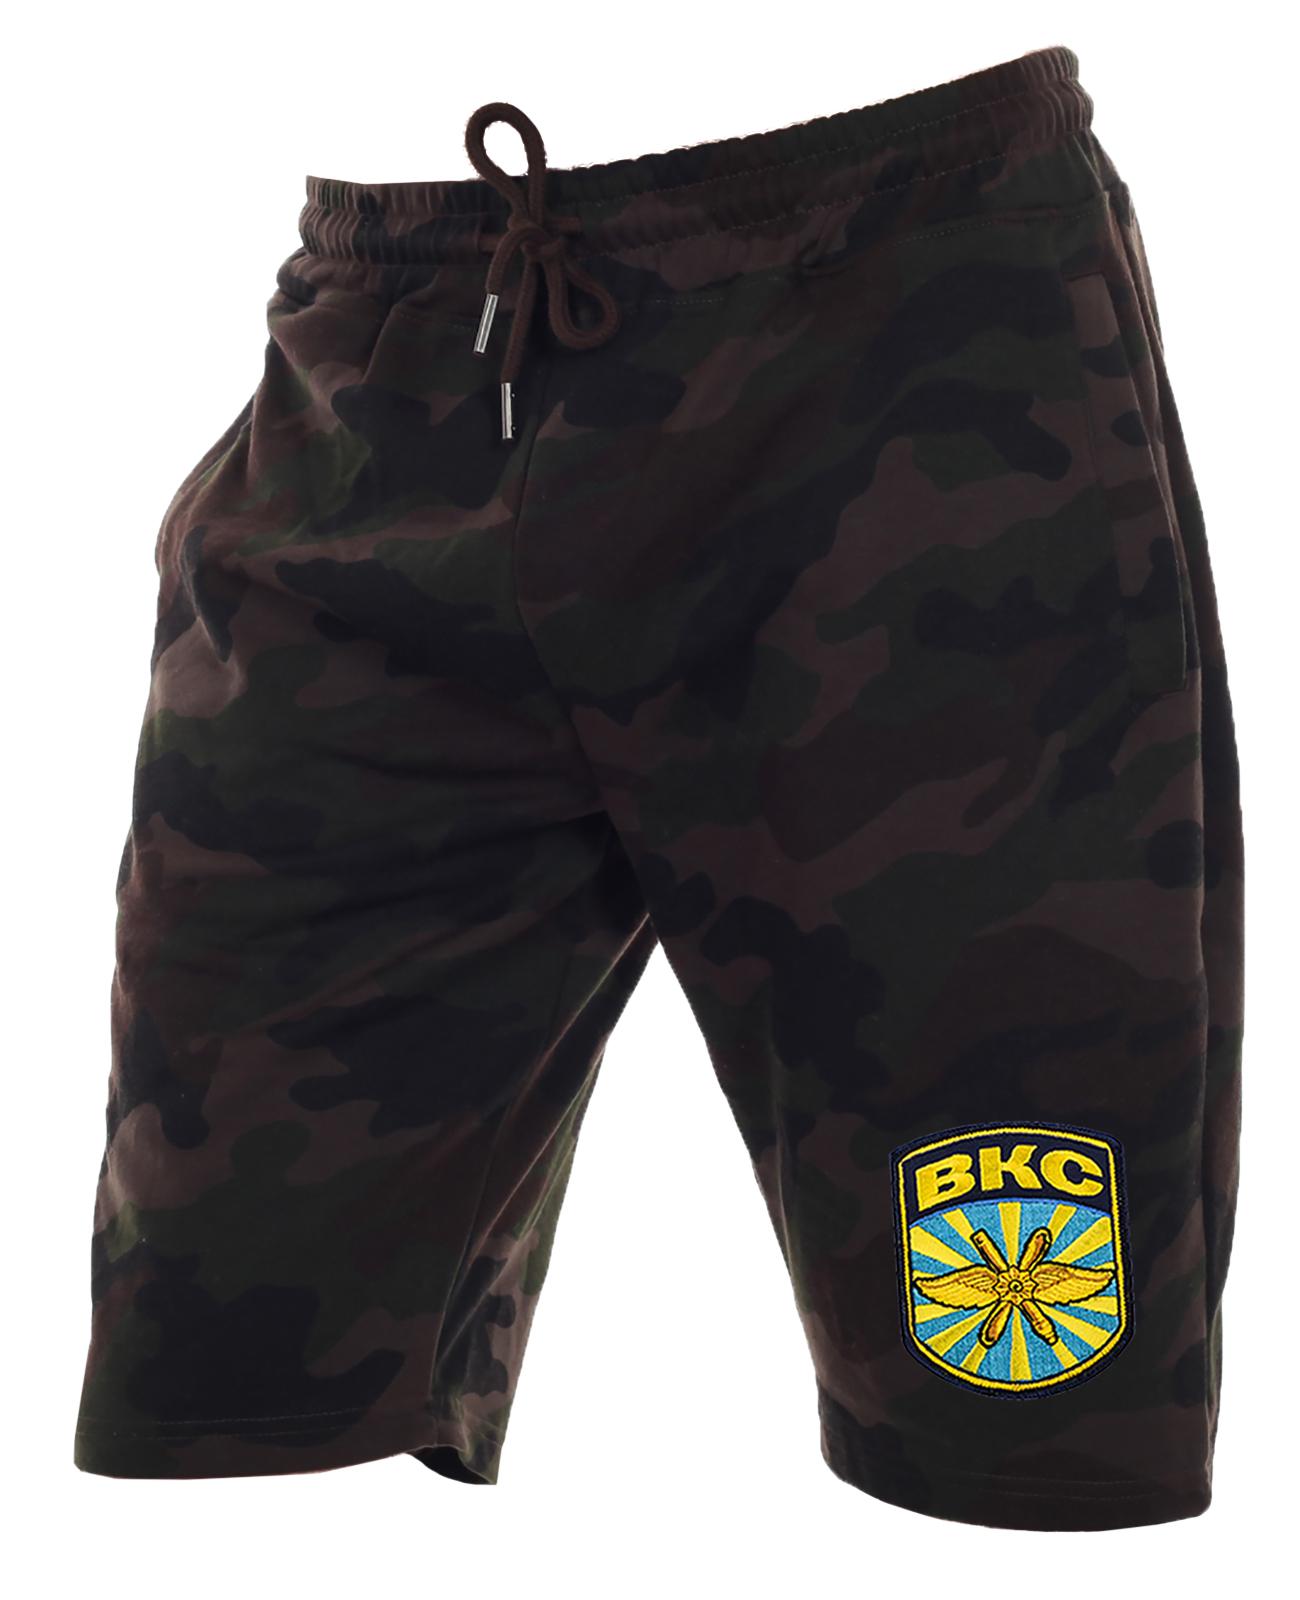 Камуфляжные шорты  удлиненного кроя с нашивкой ВКС